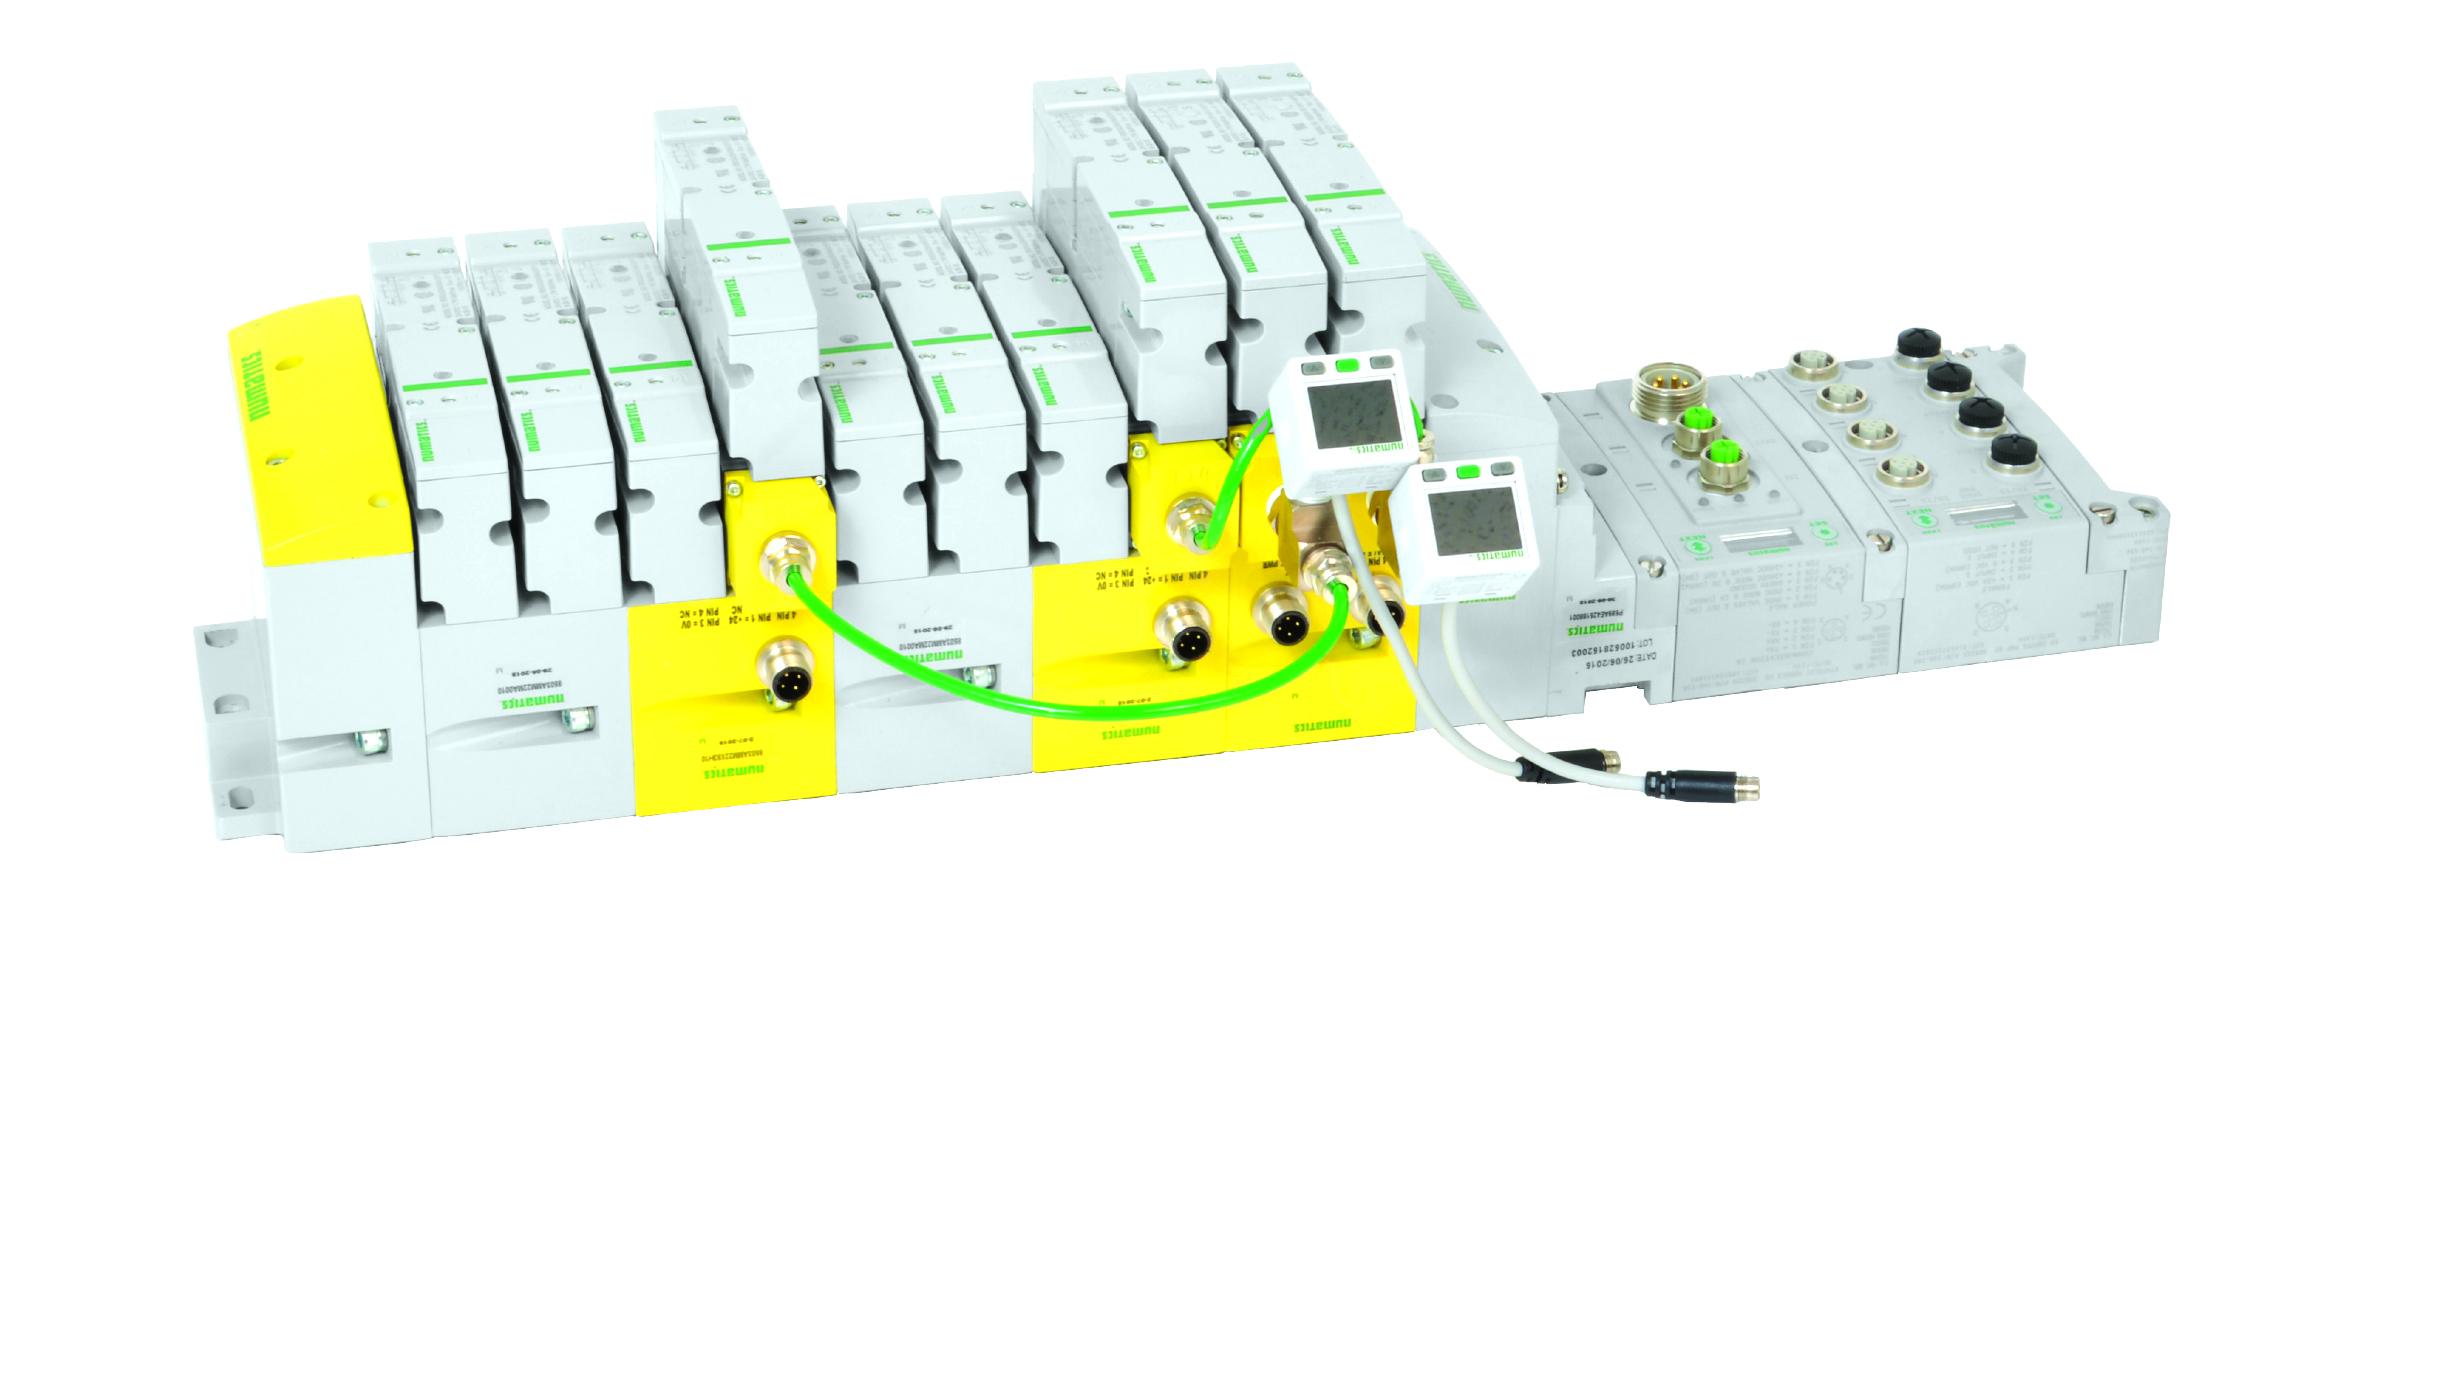 Emersons Ventilinseln mit Sicherheitszonen ermöglichen Reduzierung von Kosten und Komplexität